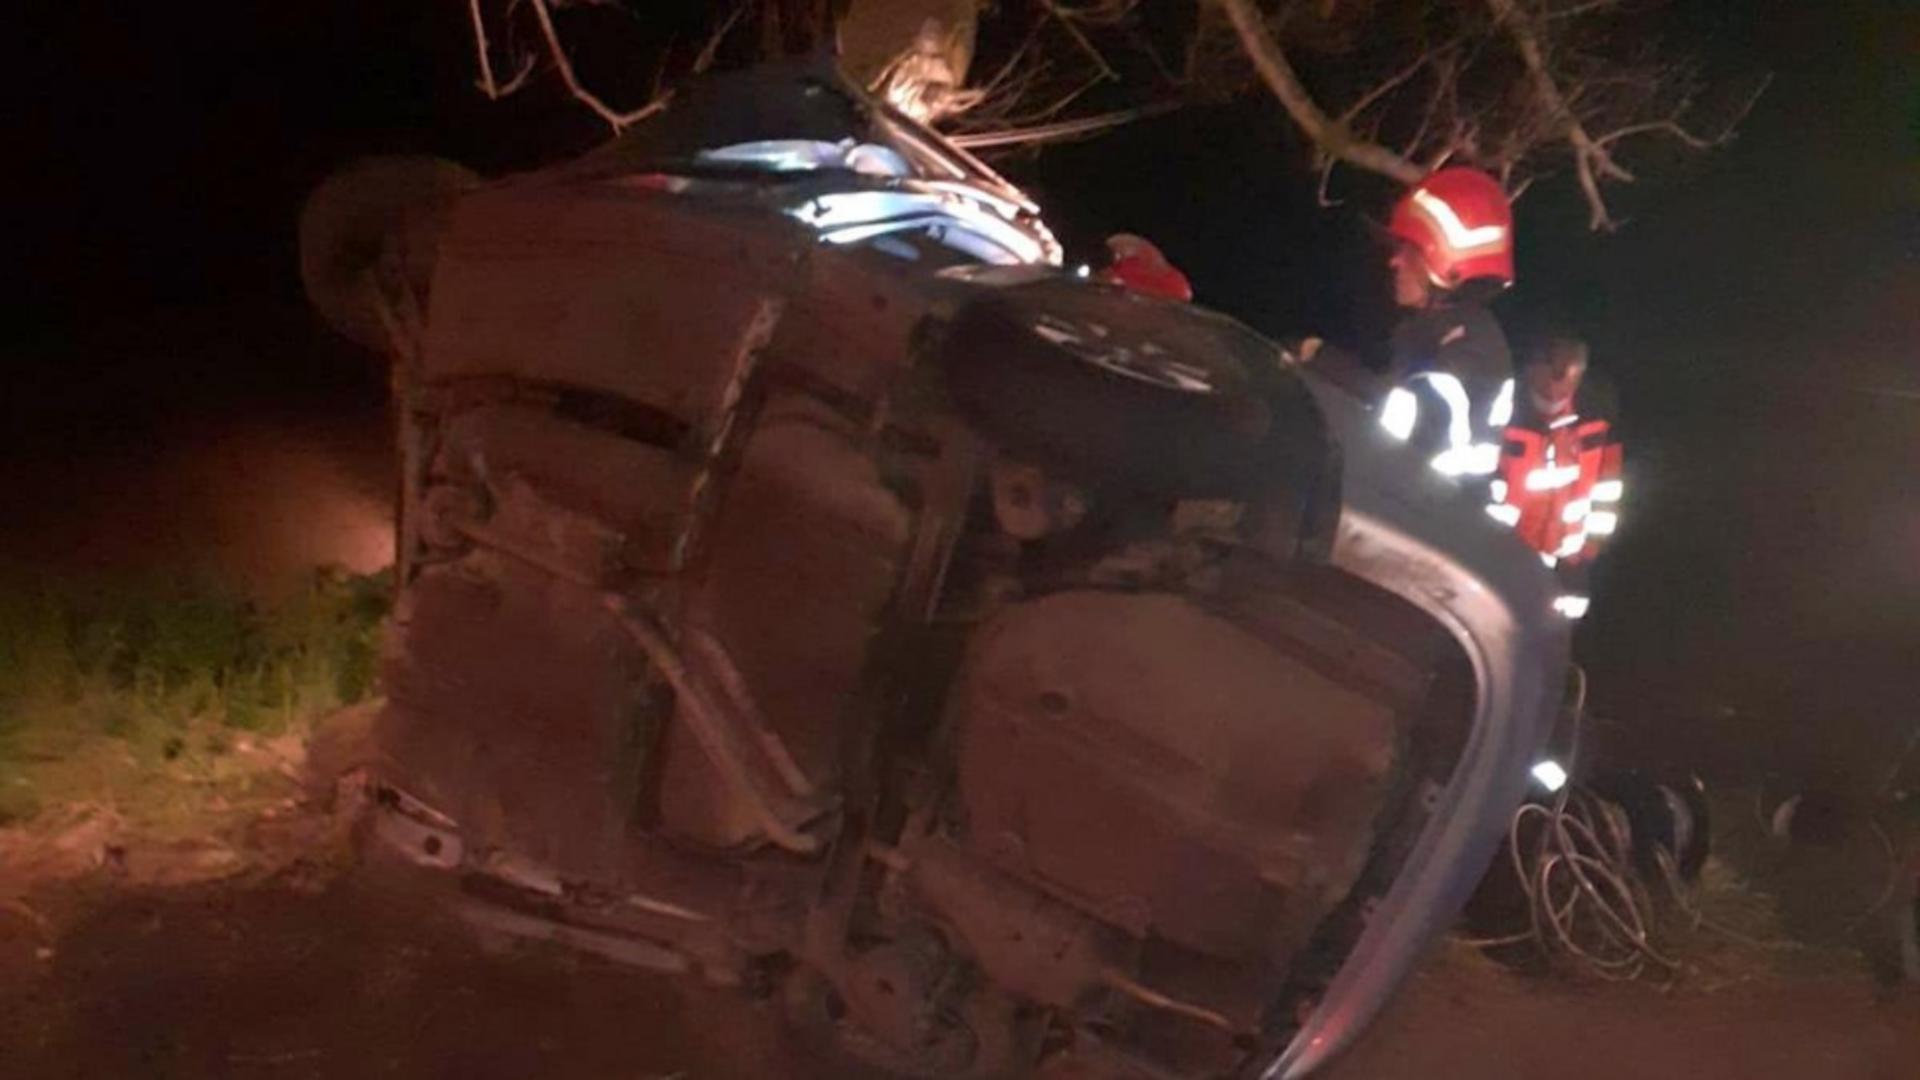 Cei 5 pasageri au rămas prinși între resturile autoturismului